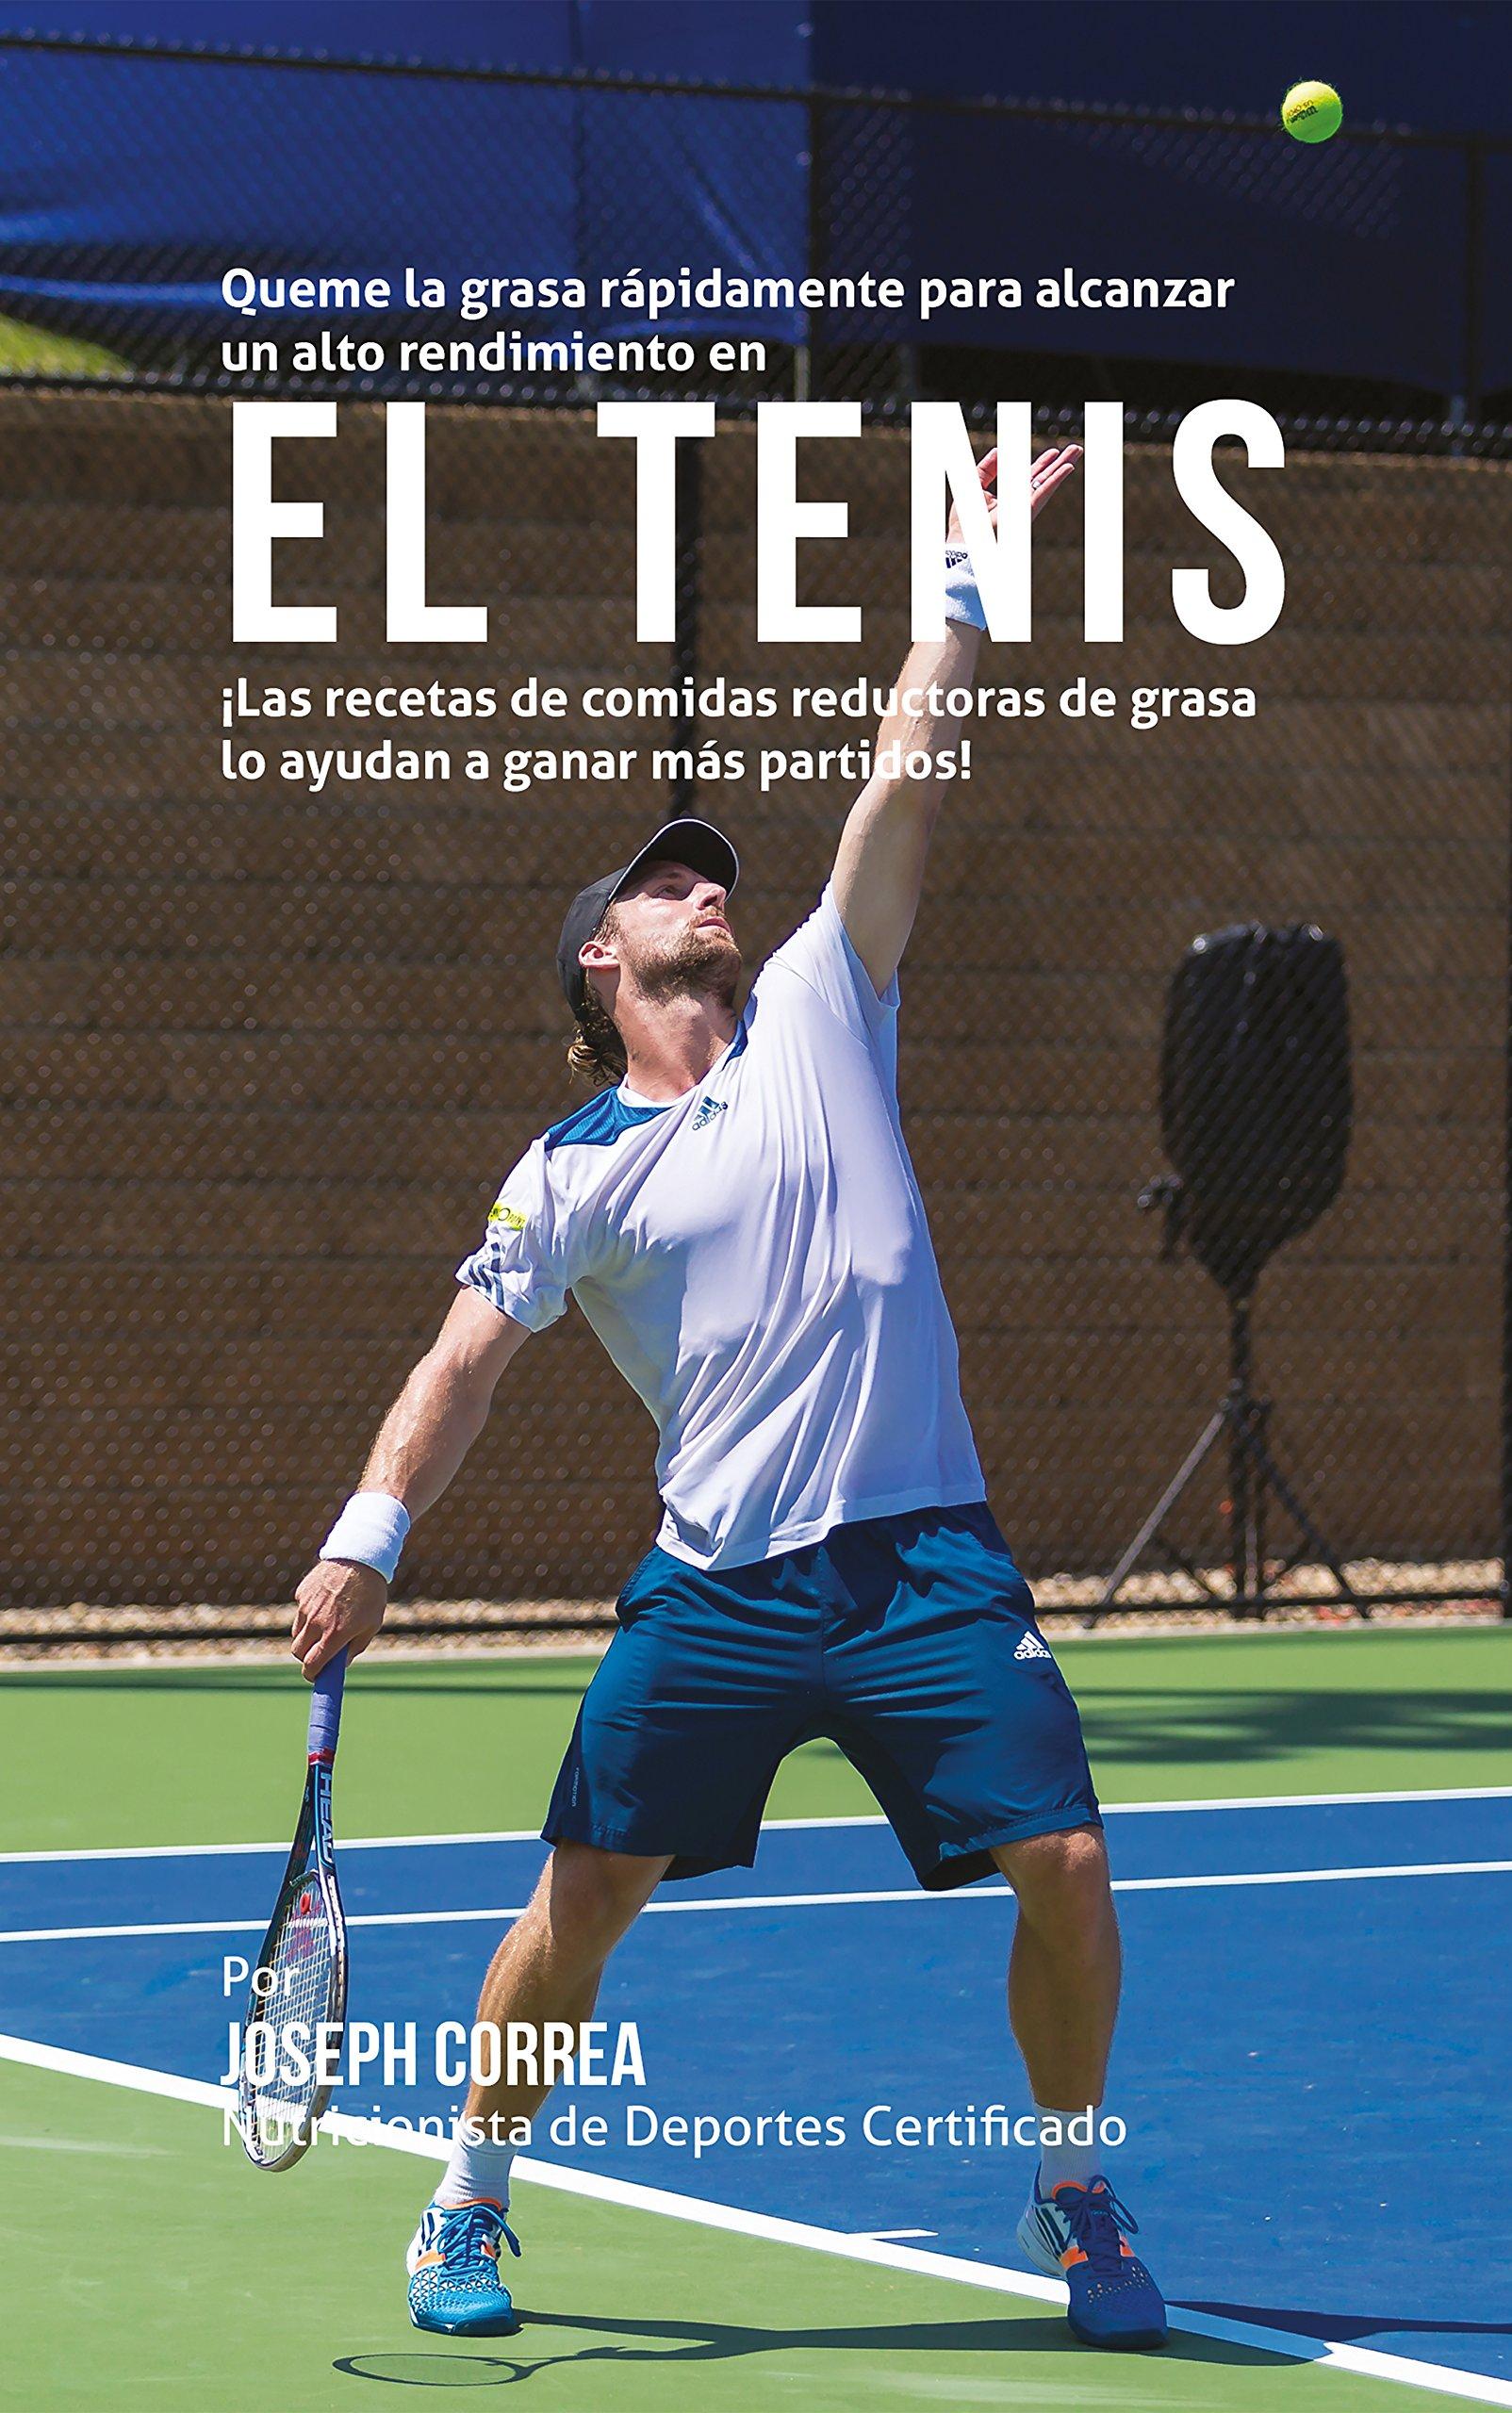 Queme la grasa rápidamente para alcanzar un alto rendimiento en el Tenis: ¡Las recetas de comidas reductoras de grasa lo ayudan a ganar más partidos!